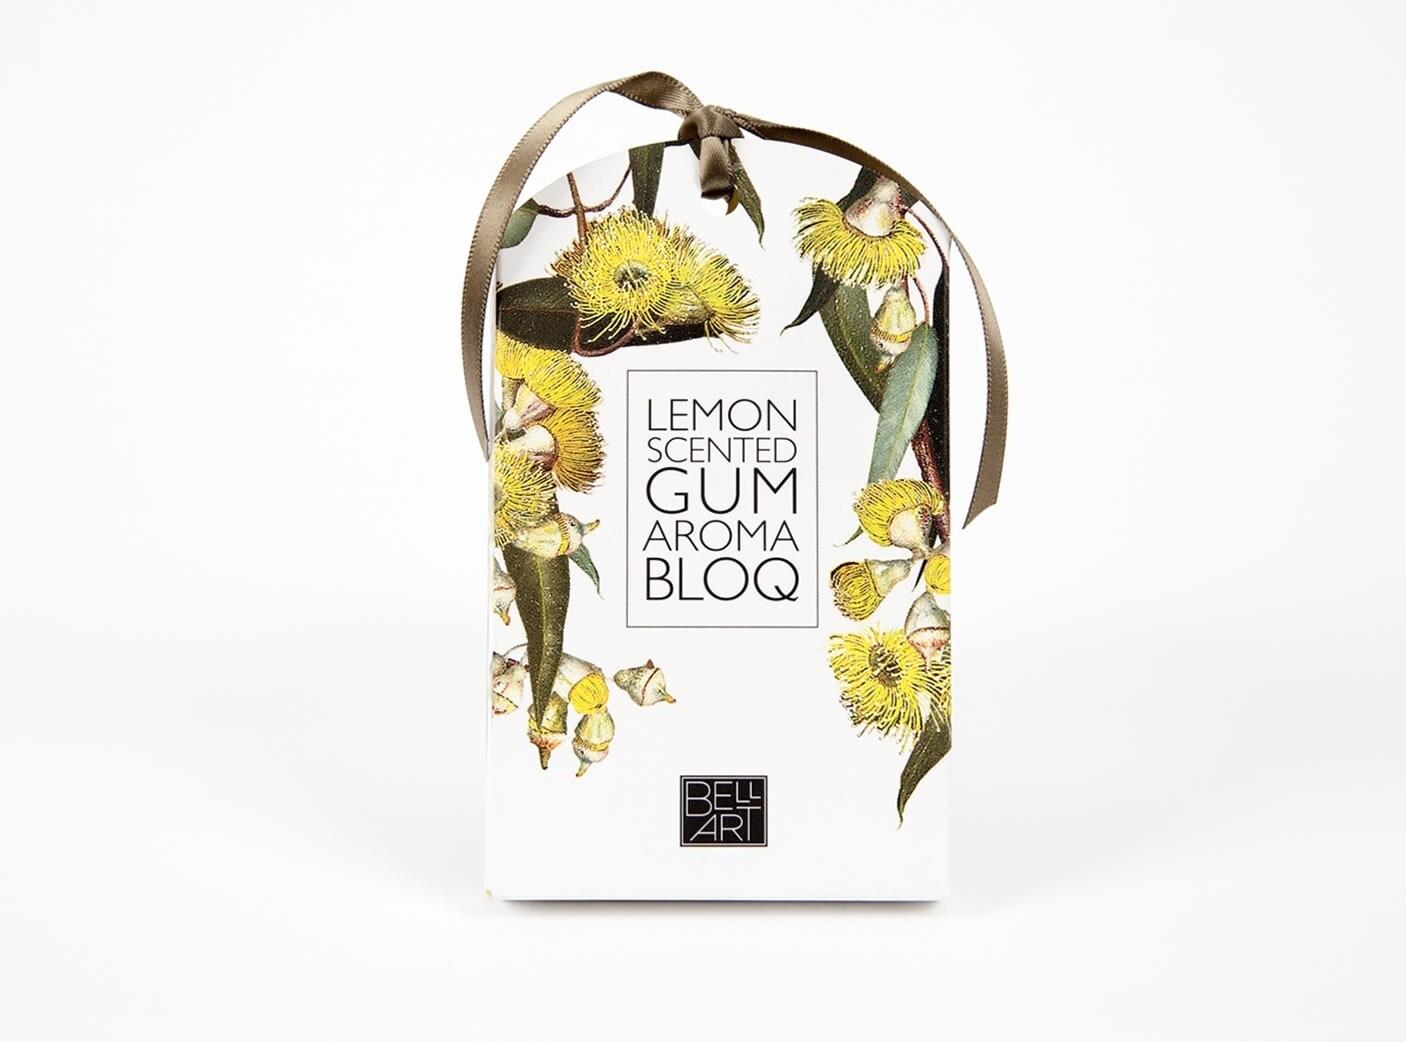 BELL ART - Aroma Bloq - Lemon Scented GUM